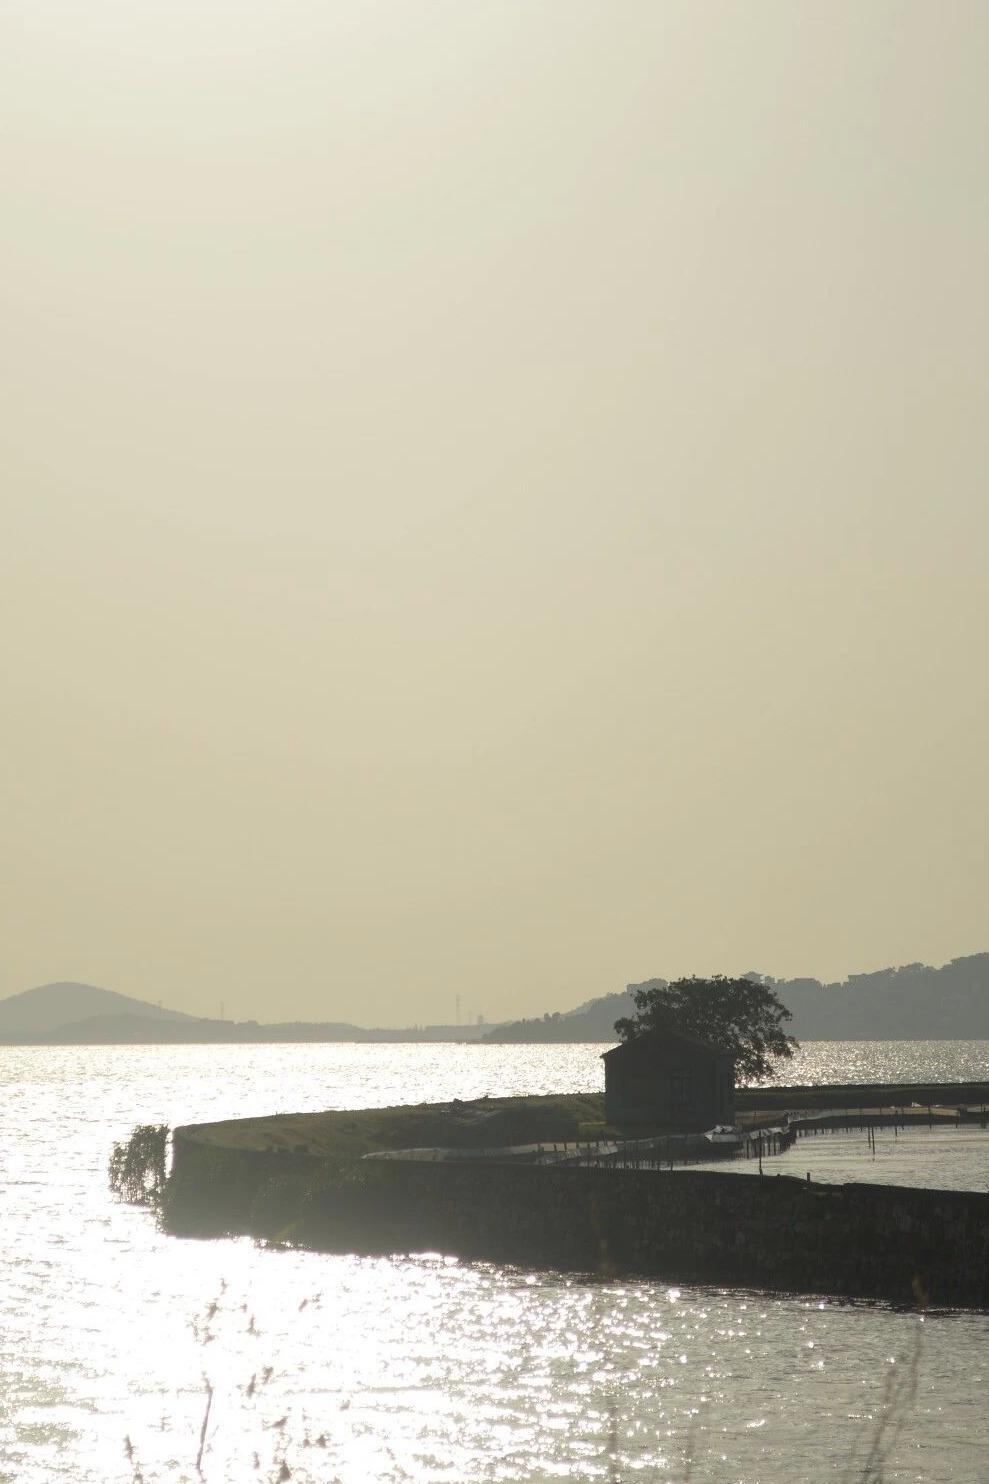 51小长假一起去苏州城最后的桃花源漫山岛吧